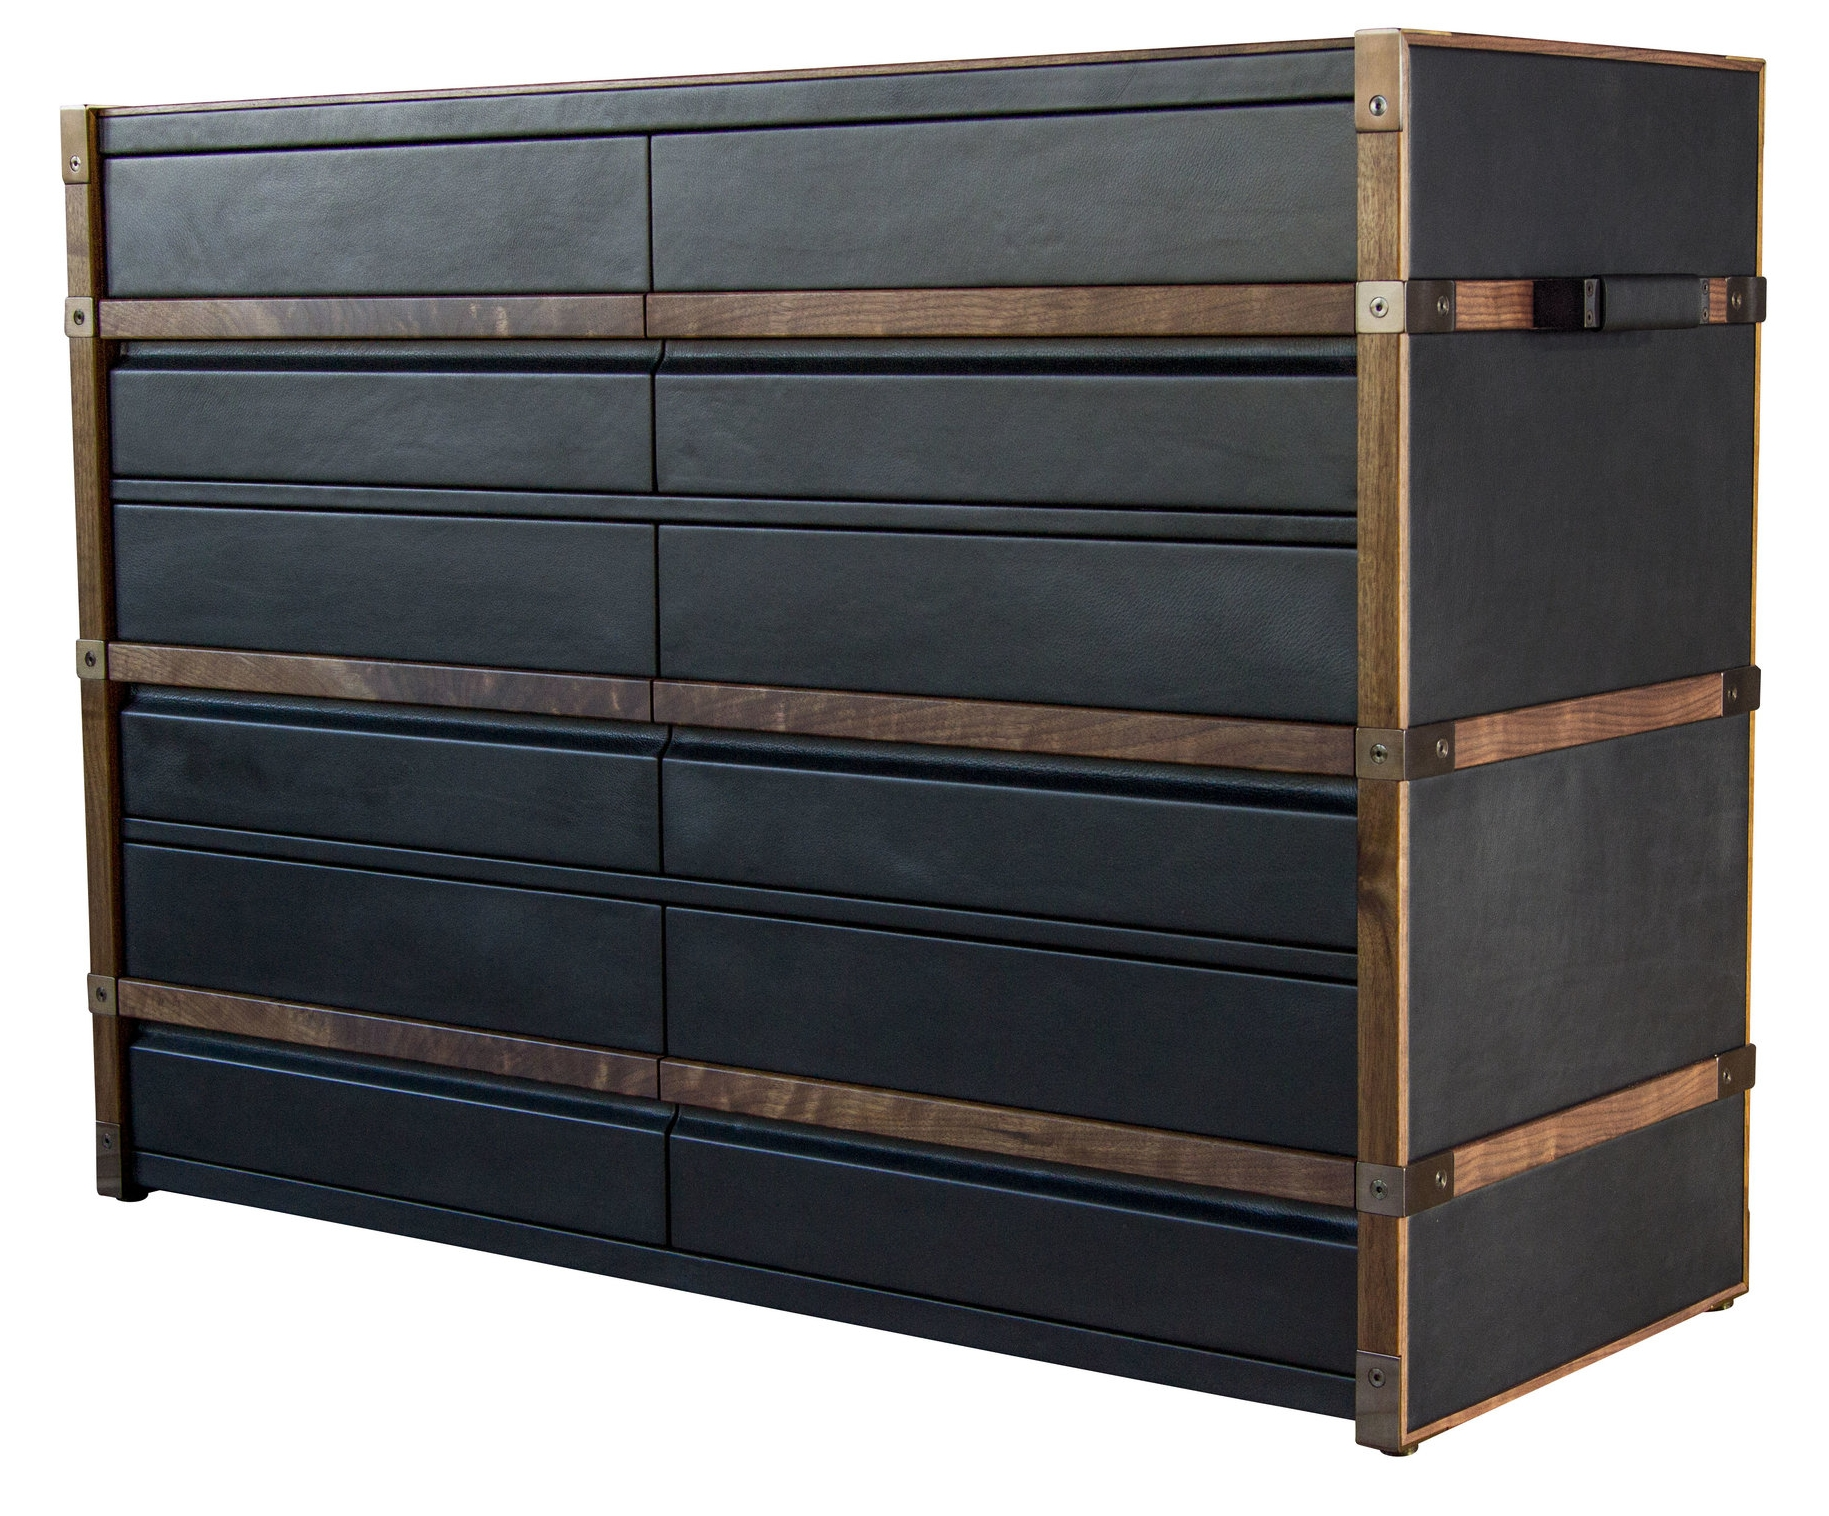 Collingwood Dresser